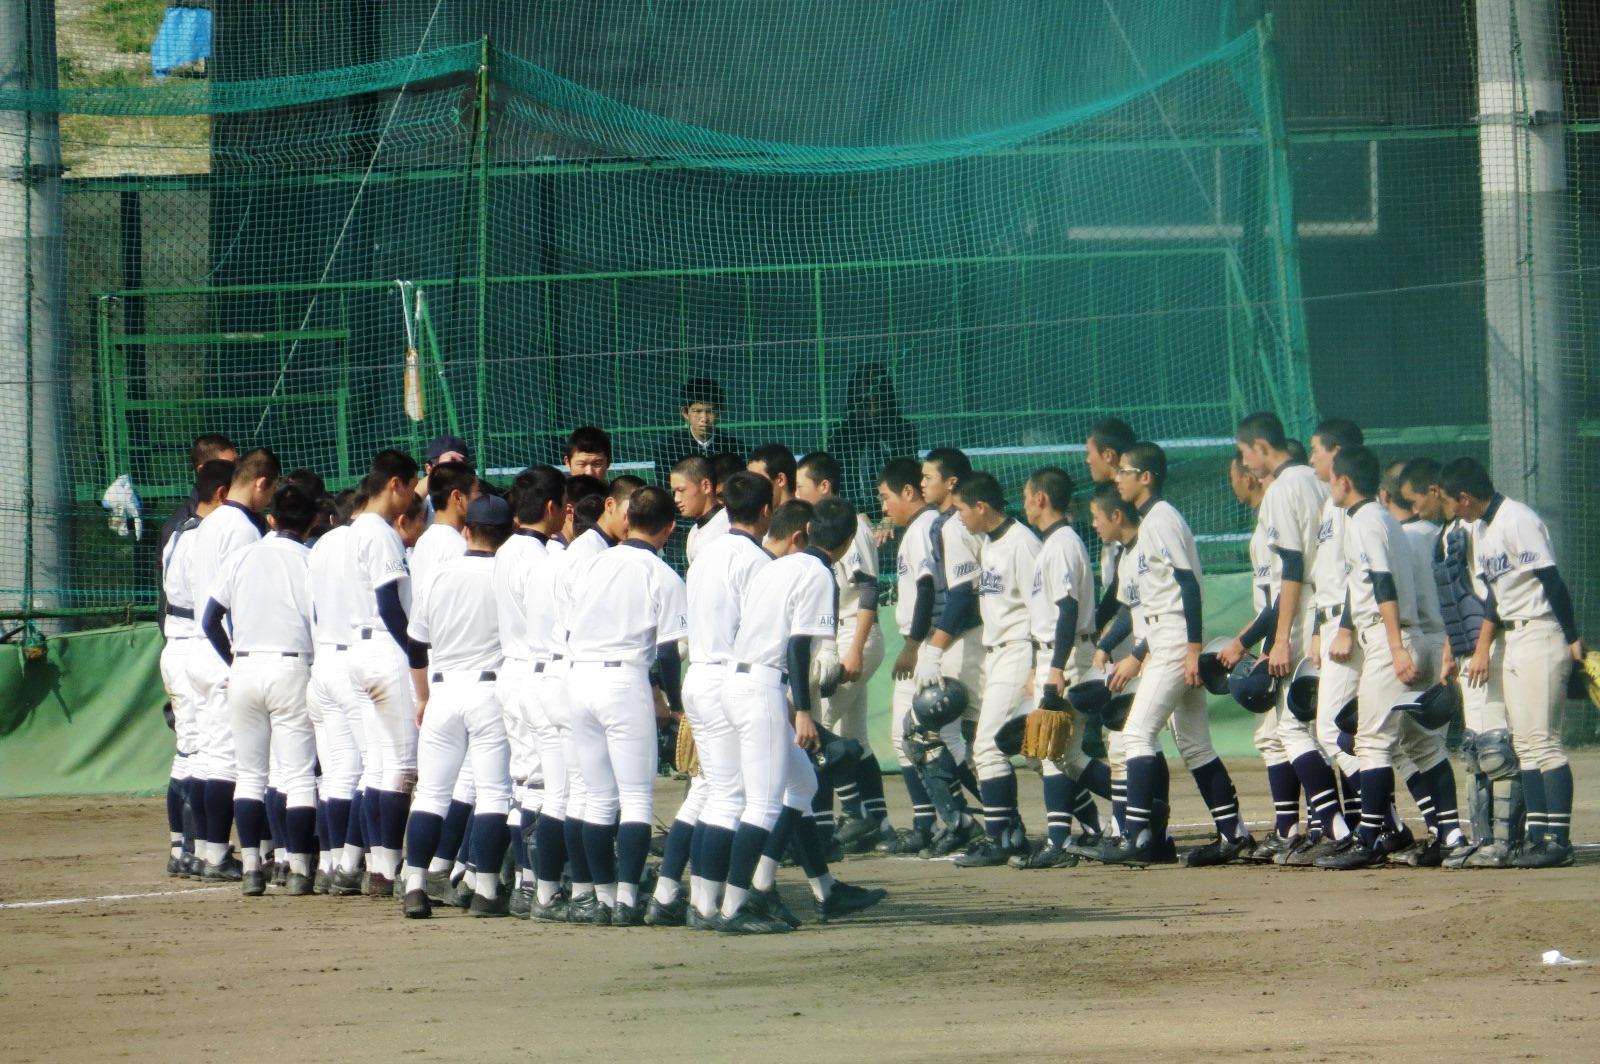 高校野球ドットコム 【愛知版】 -